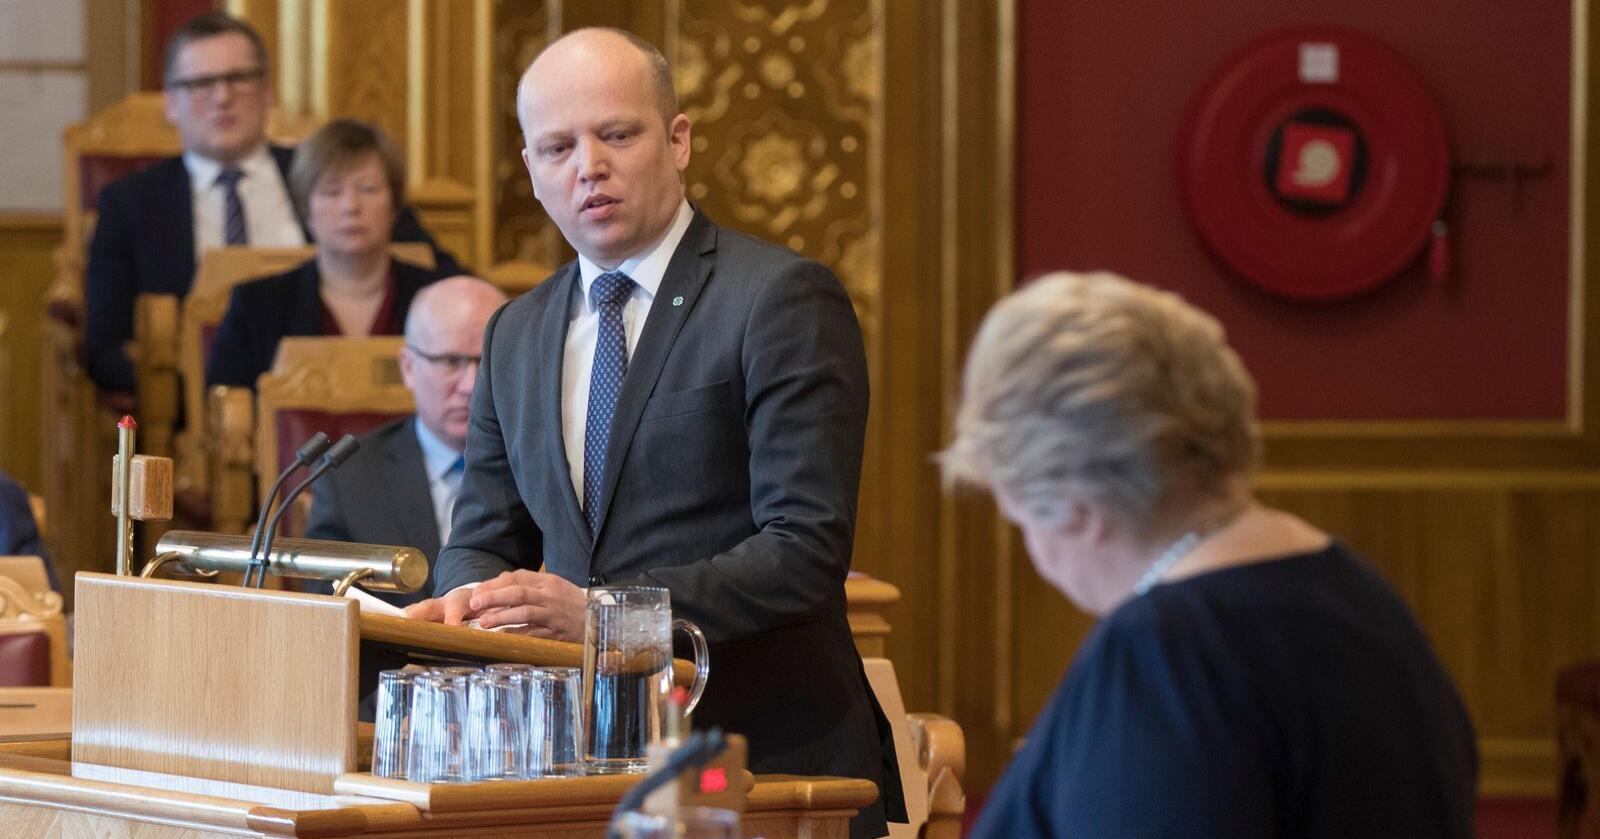 Sp-leder Trygve Slagsvold Vedum stilte spørsmål til statsminister Erna Solberg (H) under en interpellasjon i Stortinget mandag. Bildet er tatt ved en tidligere anledning. Foto: Vidar Ruud / NTB scanpix